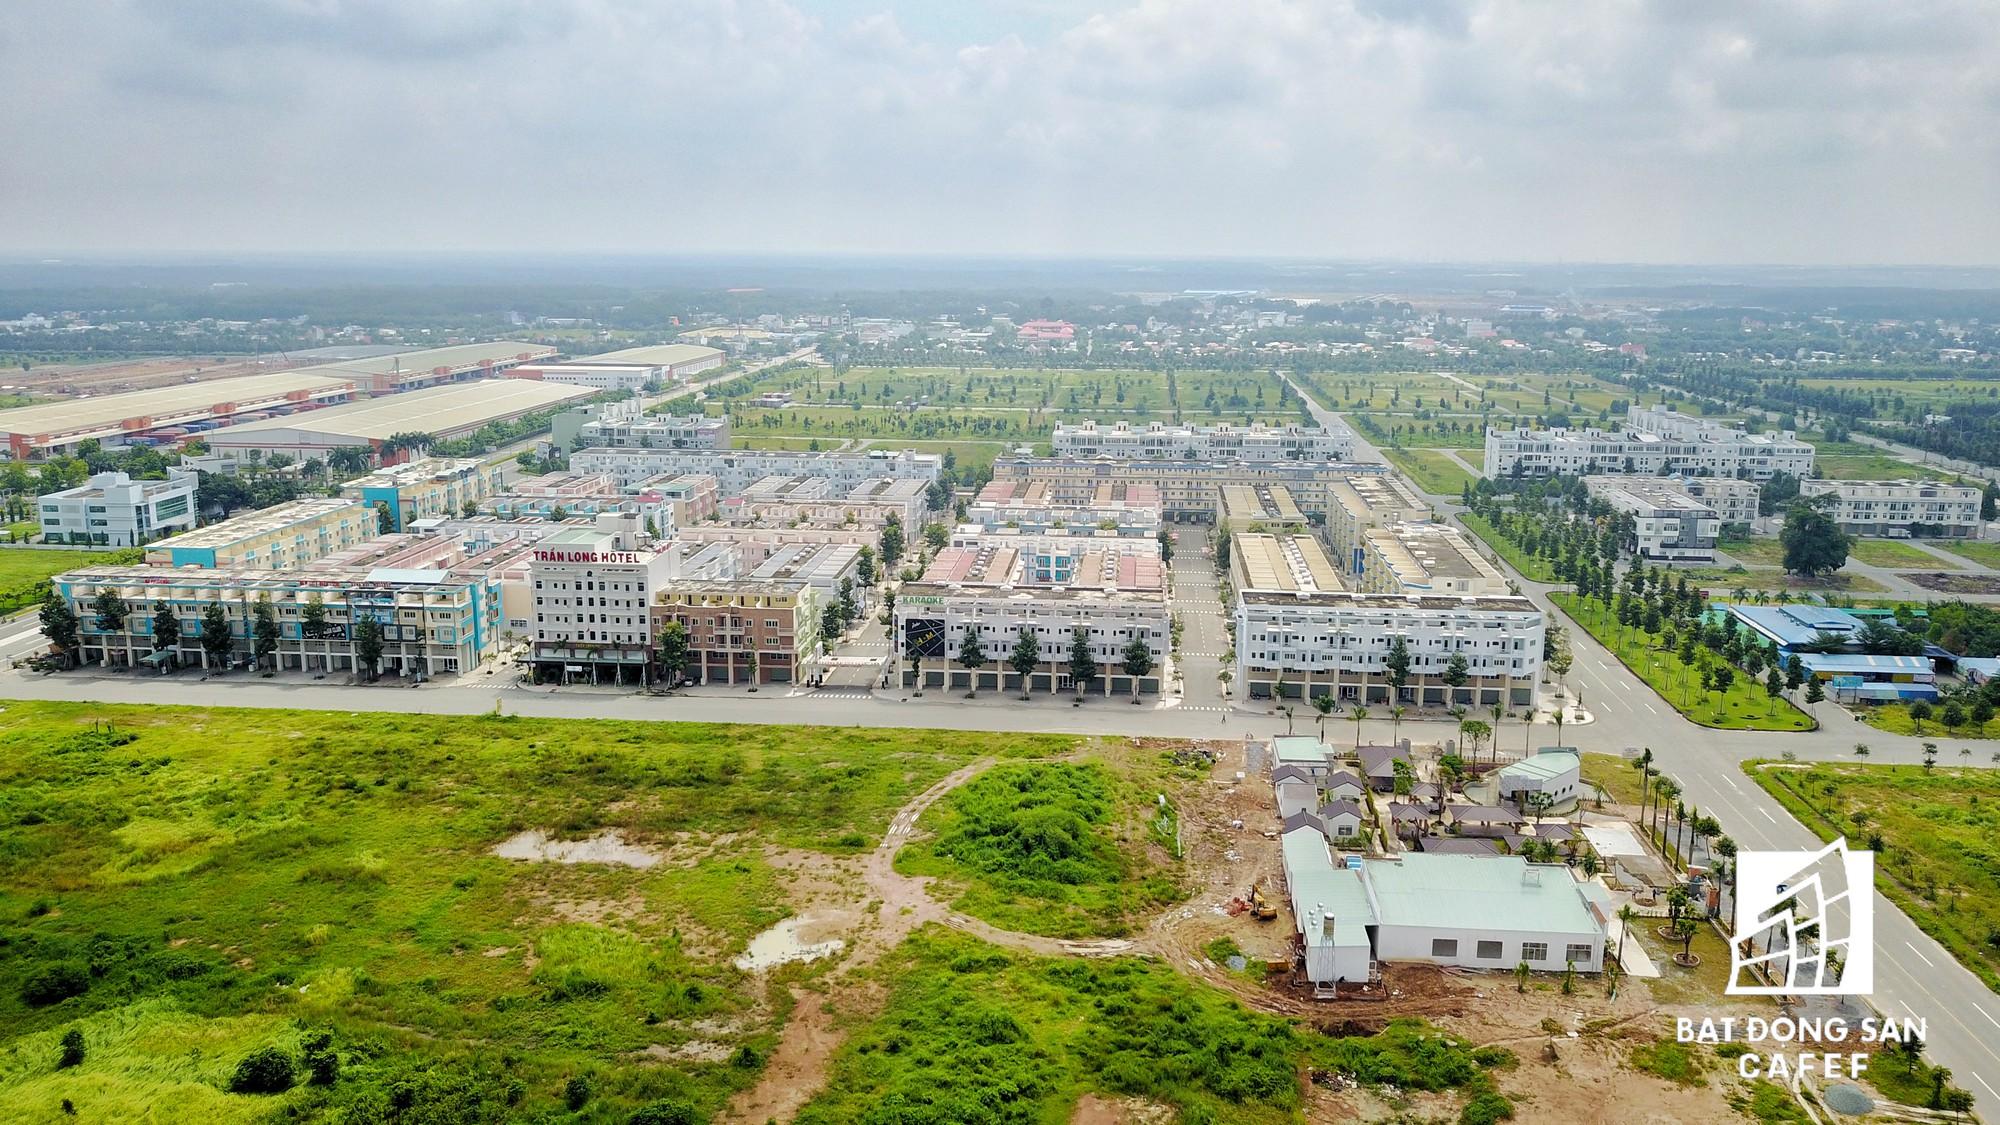 Dự án Thành phố mới Bình Dương rộng 1.000ha được xem là át chủ bài của Becamex trong thời gian qua. Sau gần 10 năm thi công, qui mô lớn đất ở đó vẫn còn trống nhiều, dù hạ tầng giao thông đã đã đi vào hoạt động.